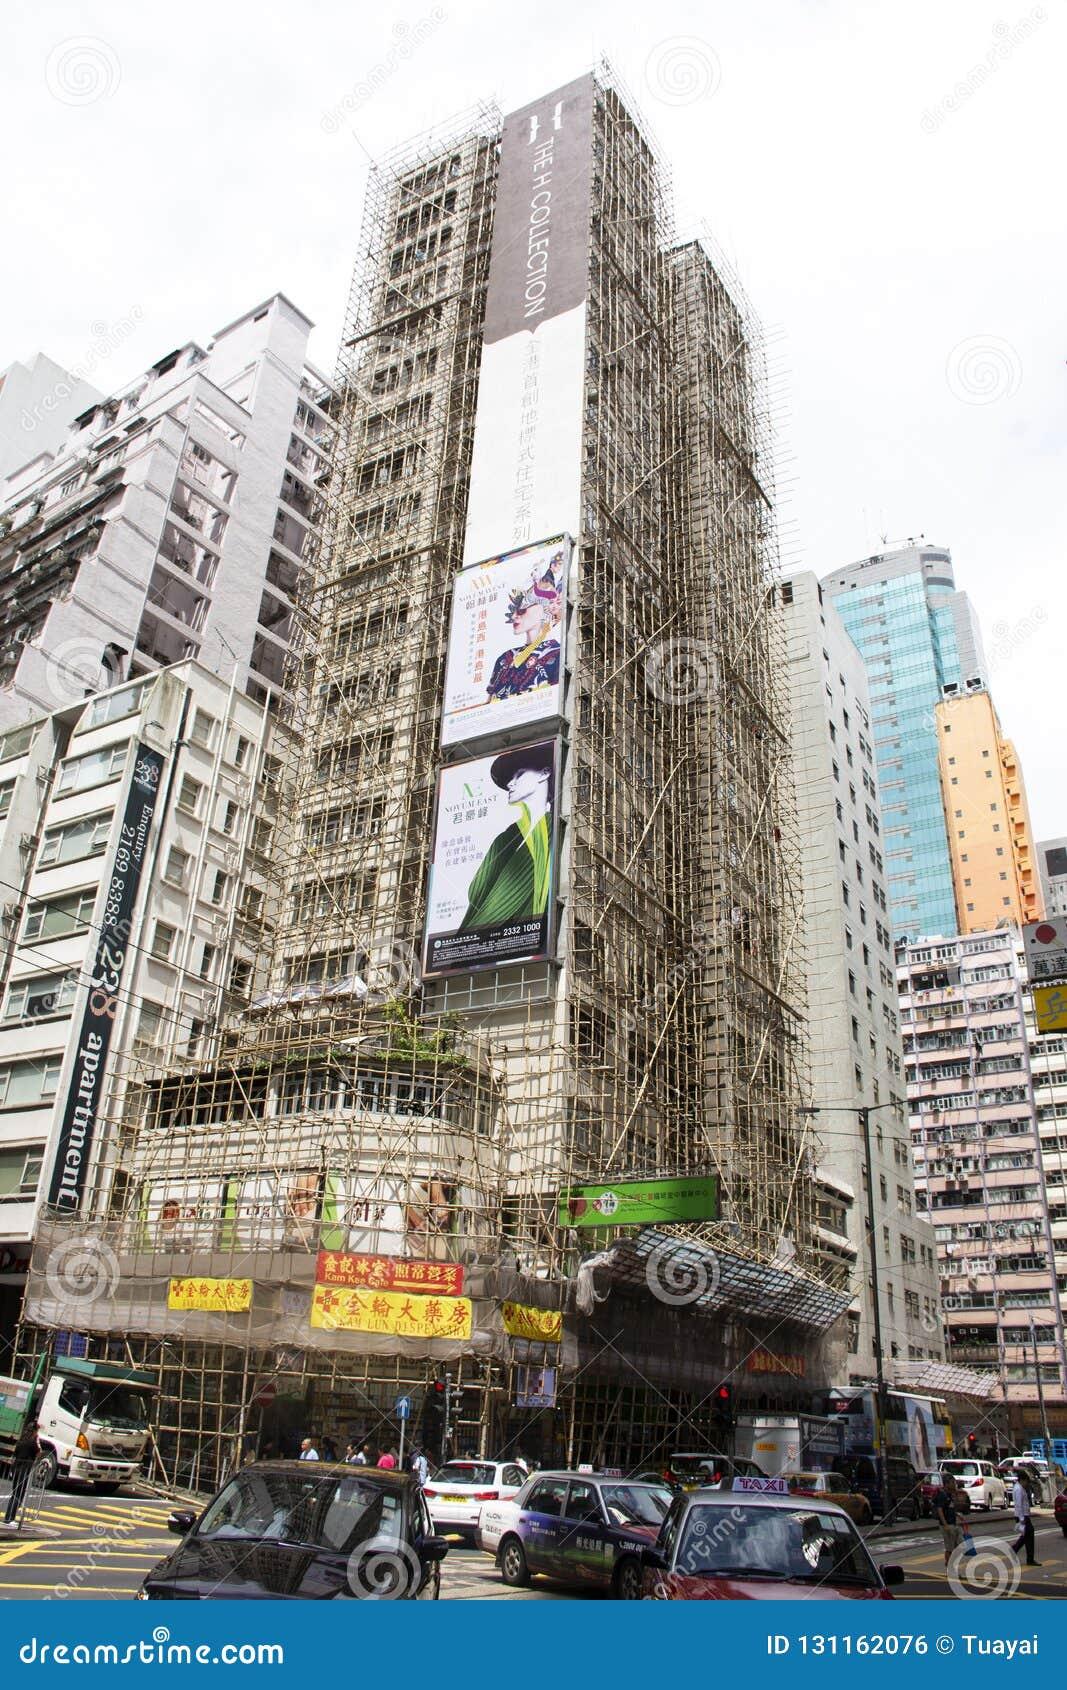 Estrada do tráfego e para renovar a construção no canteiro de obras ao lado do fá Yuen Street em Mong Kok em Hong Kong, China